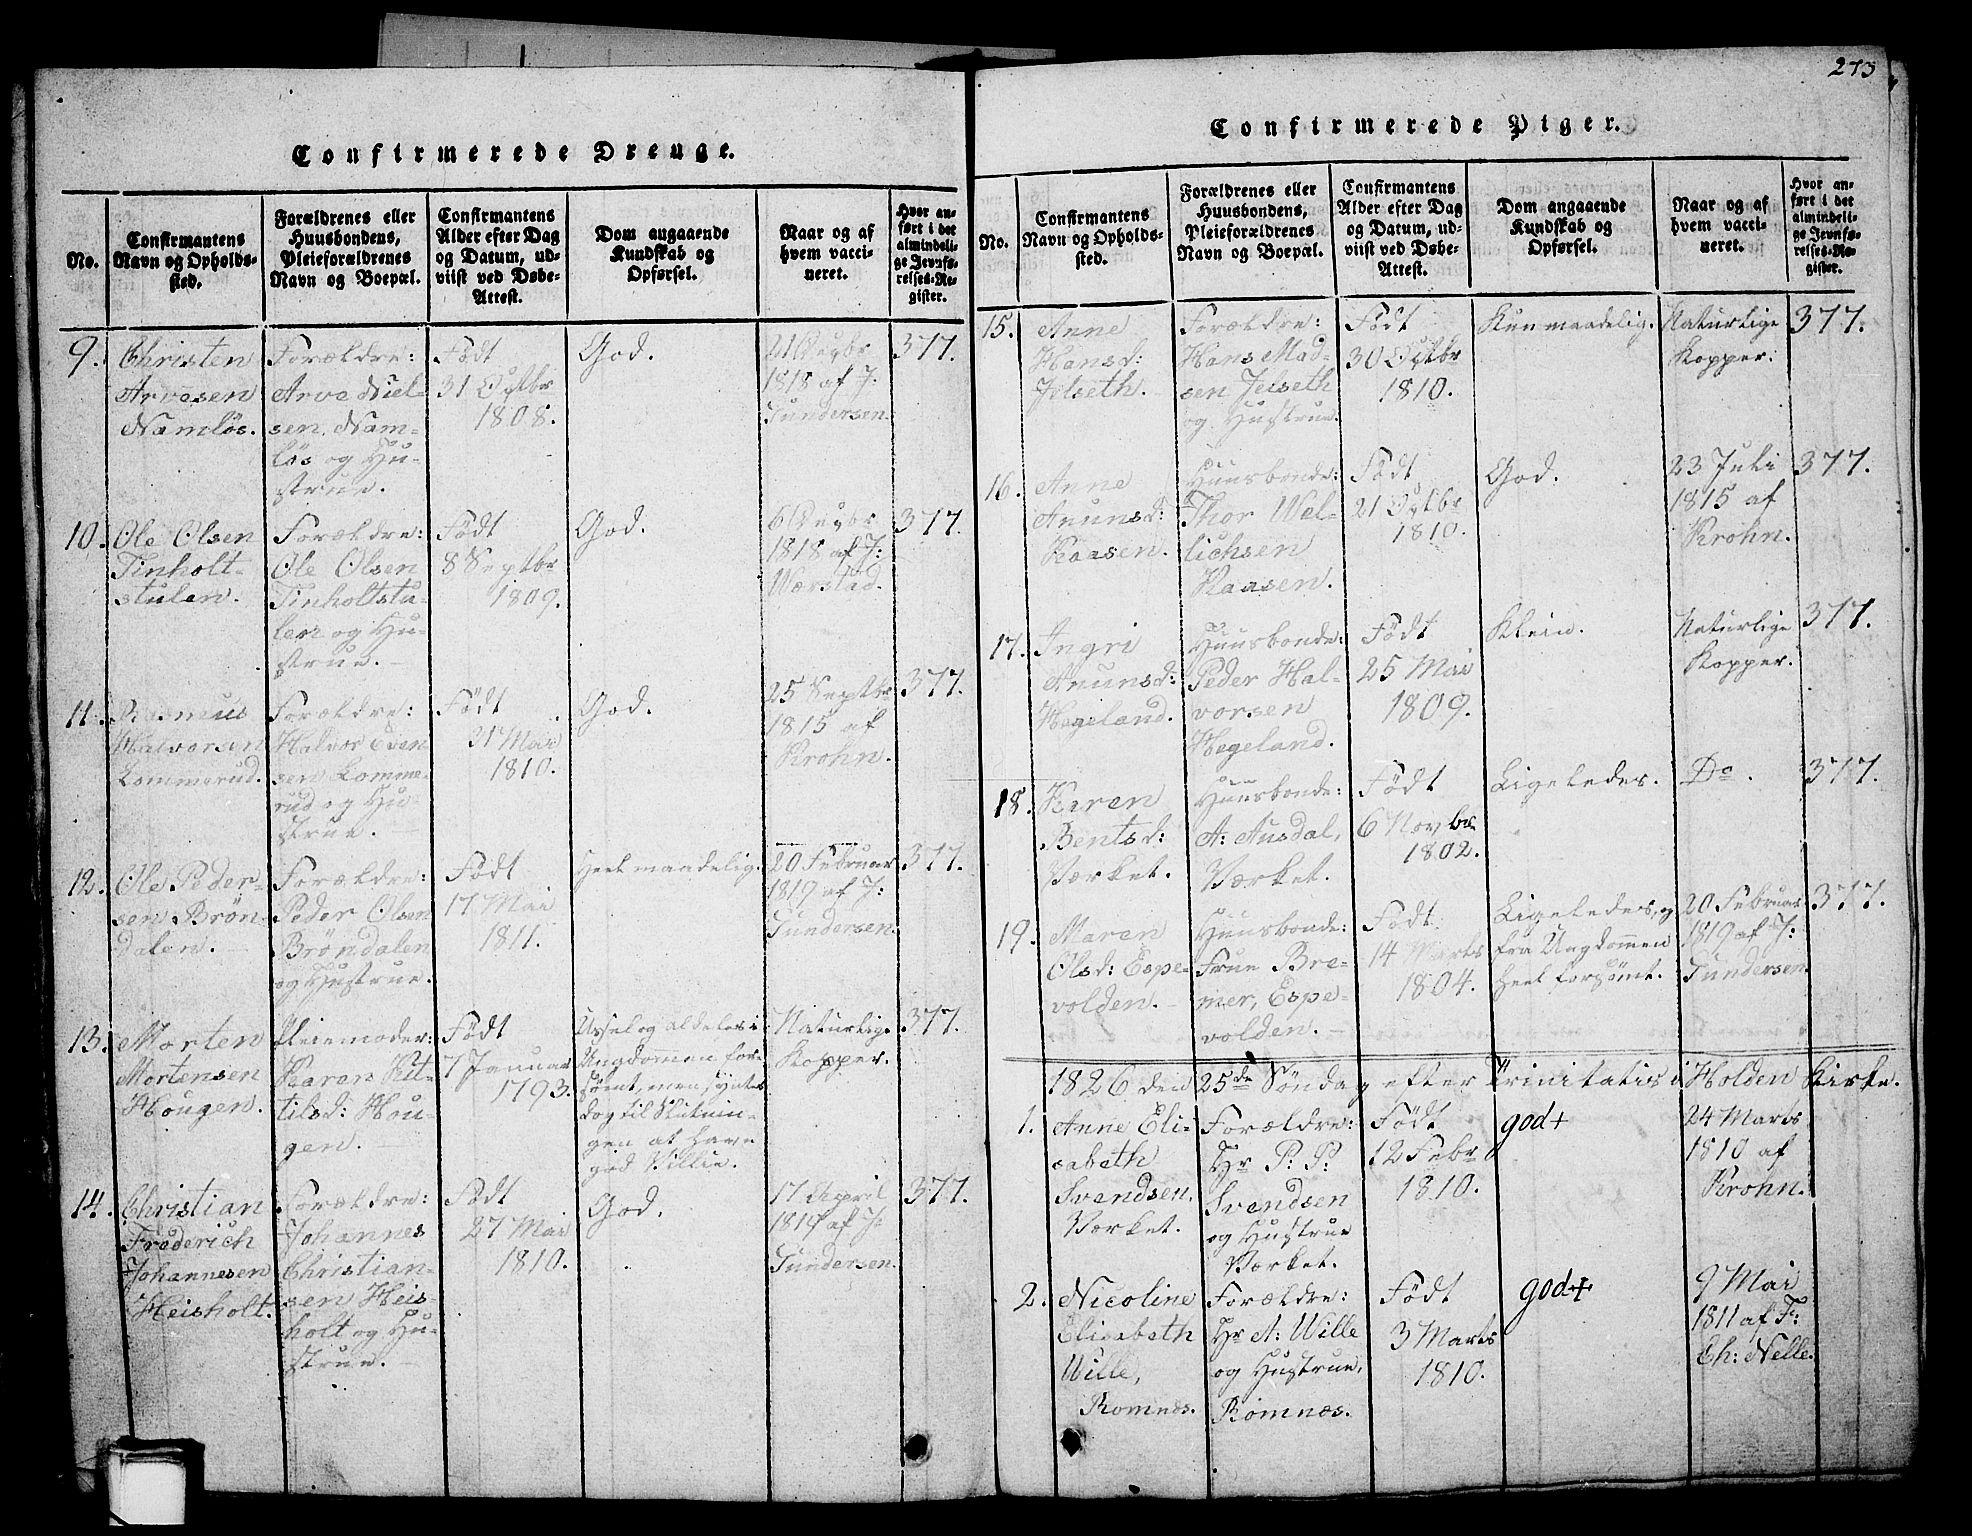 SAKO, Holla kirkebøker, G/Ga/L0001: Klokkerbok nr. I 1, 1814-1830, s. 273